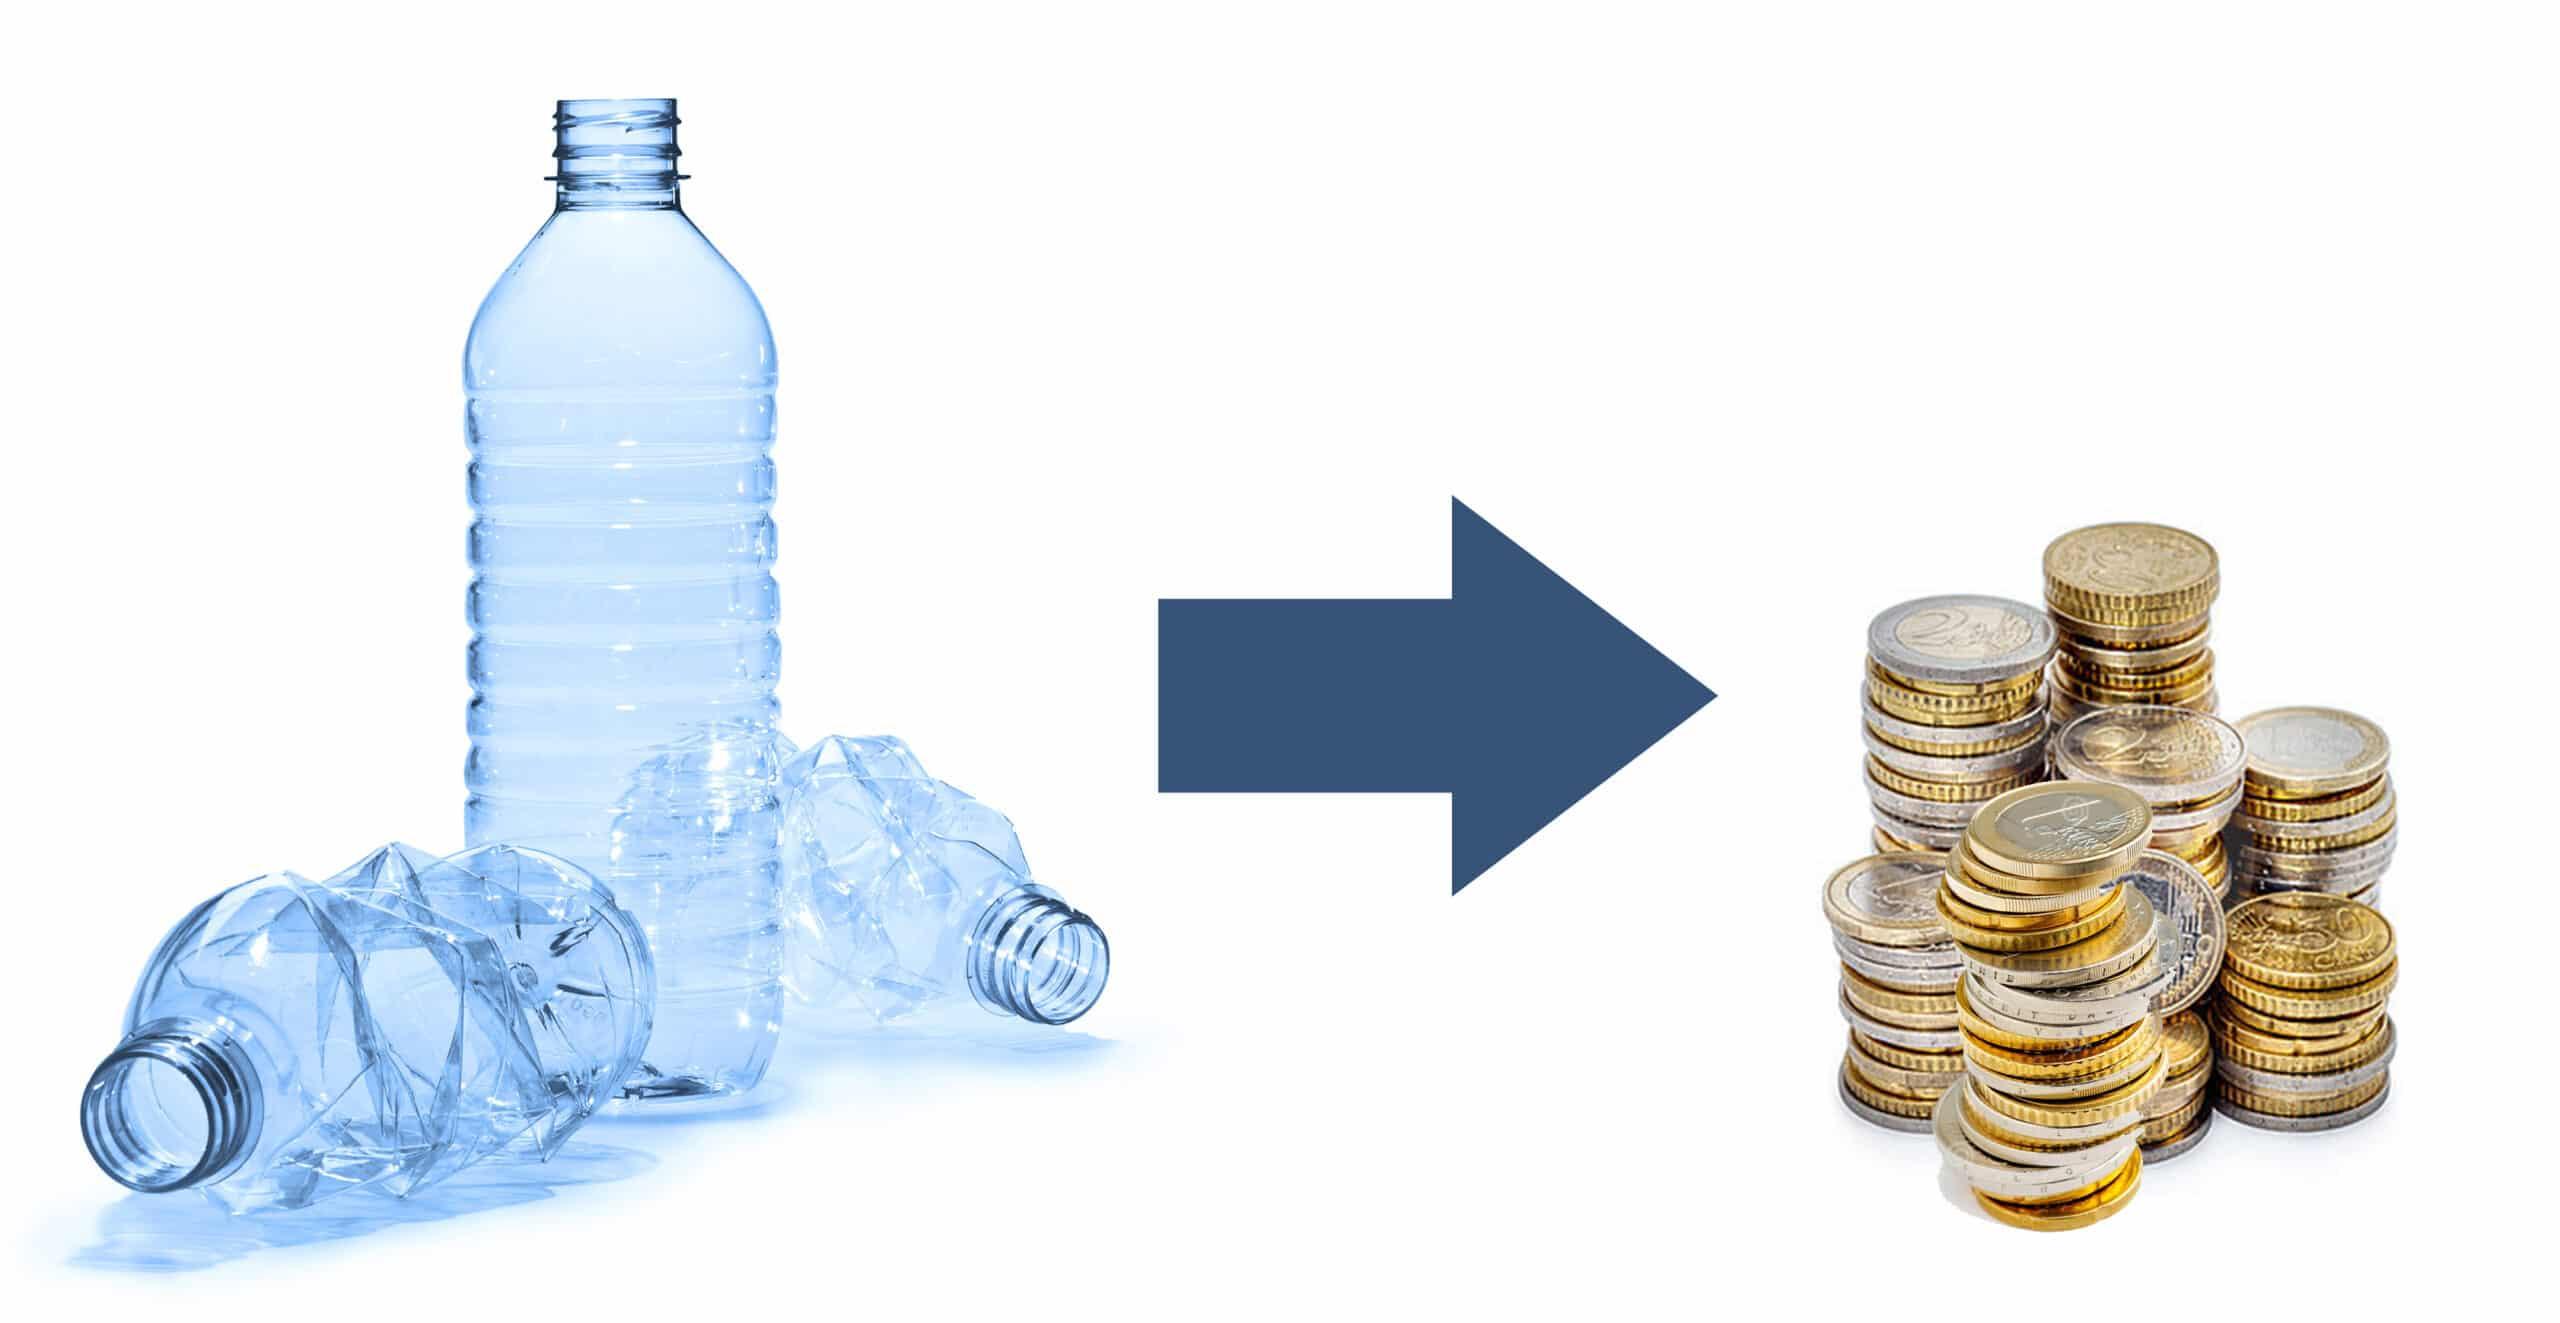 come si pu guadagnare con i rifiuti